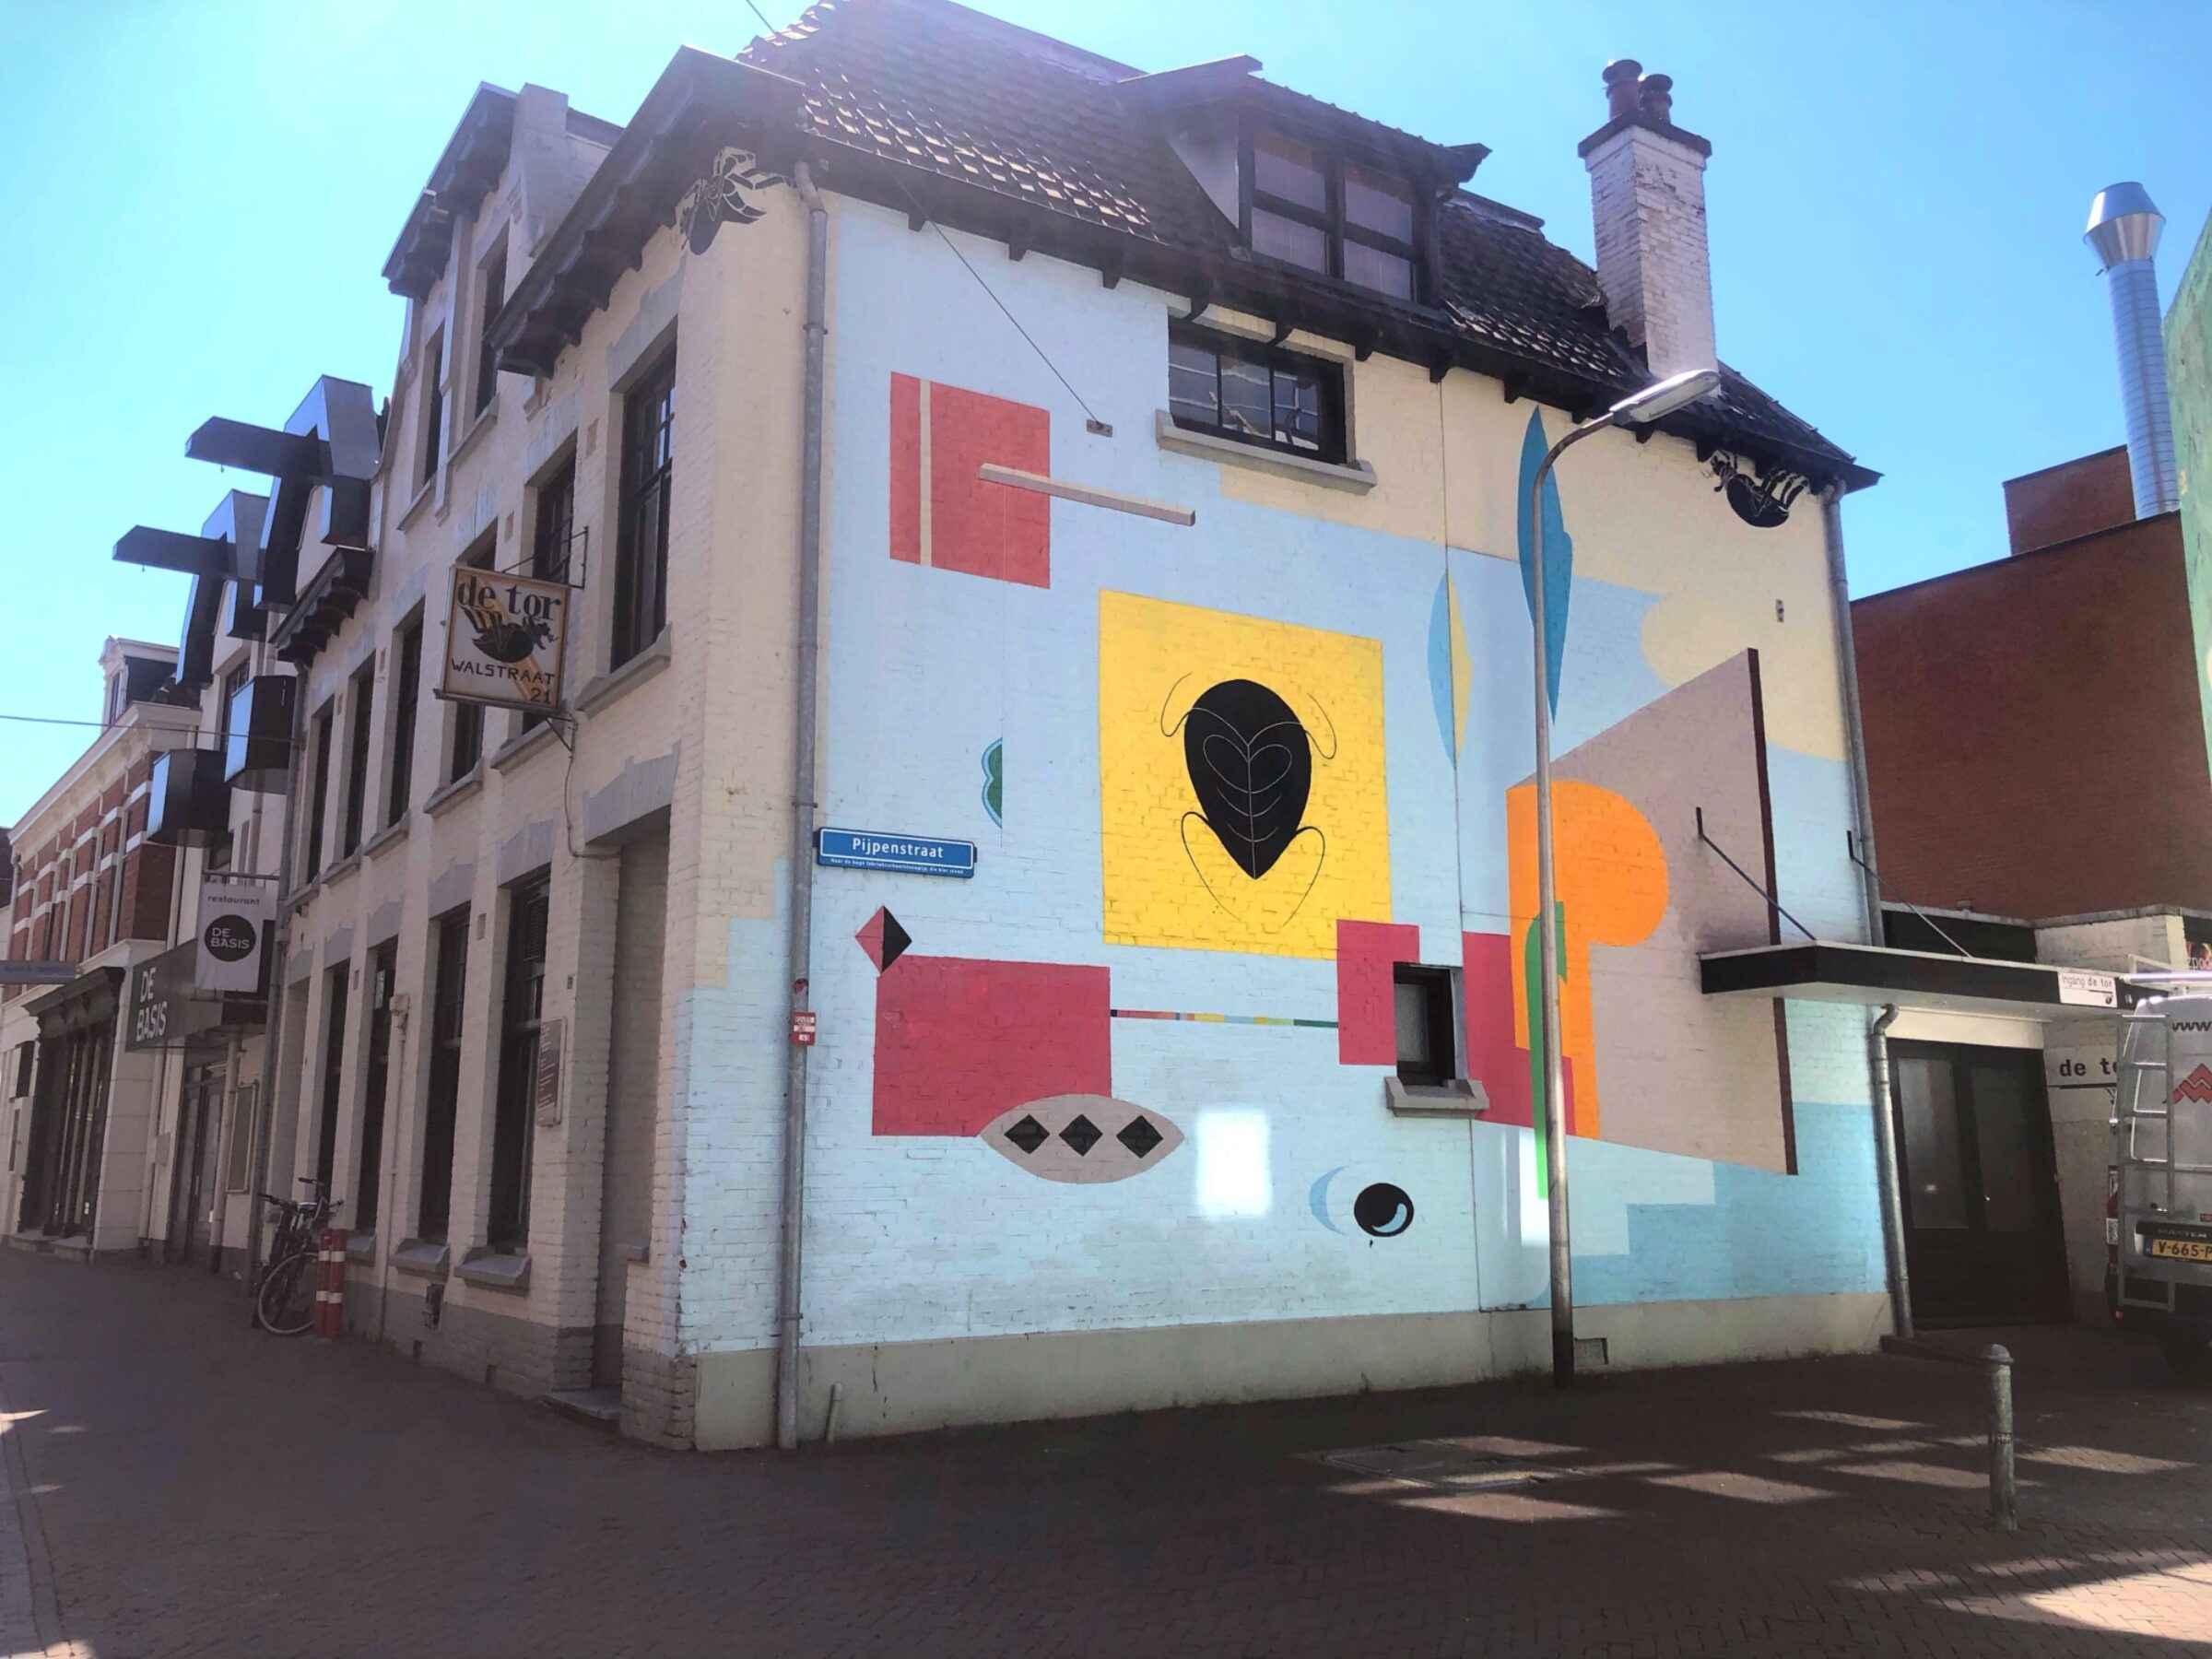 De tor muurschildering